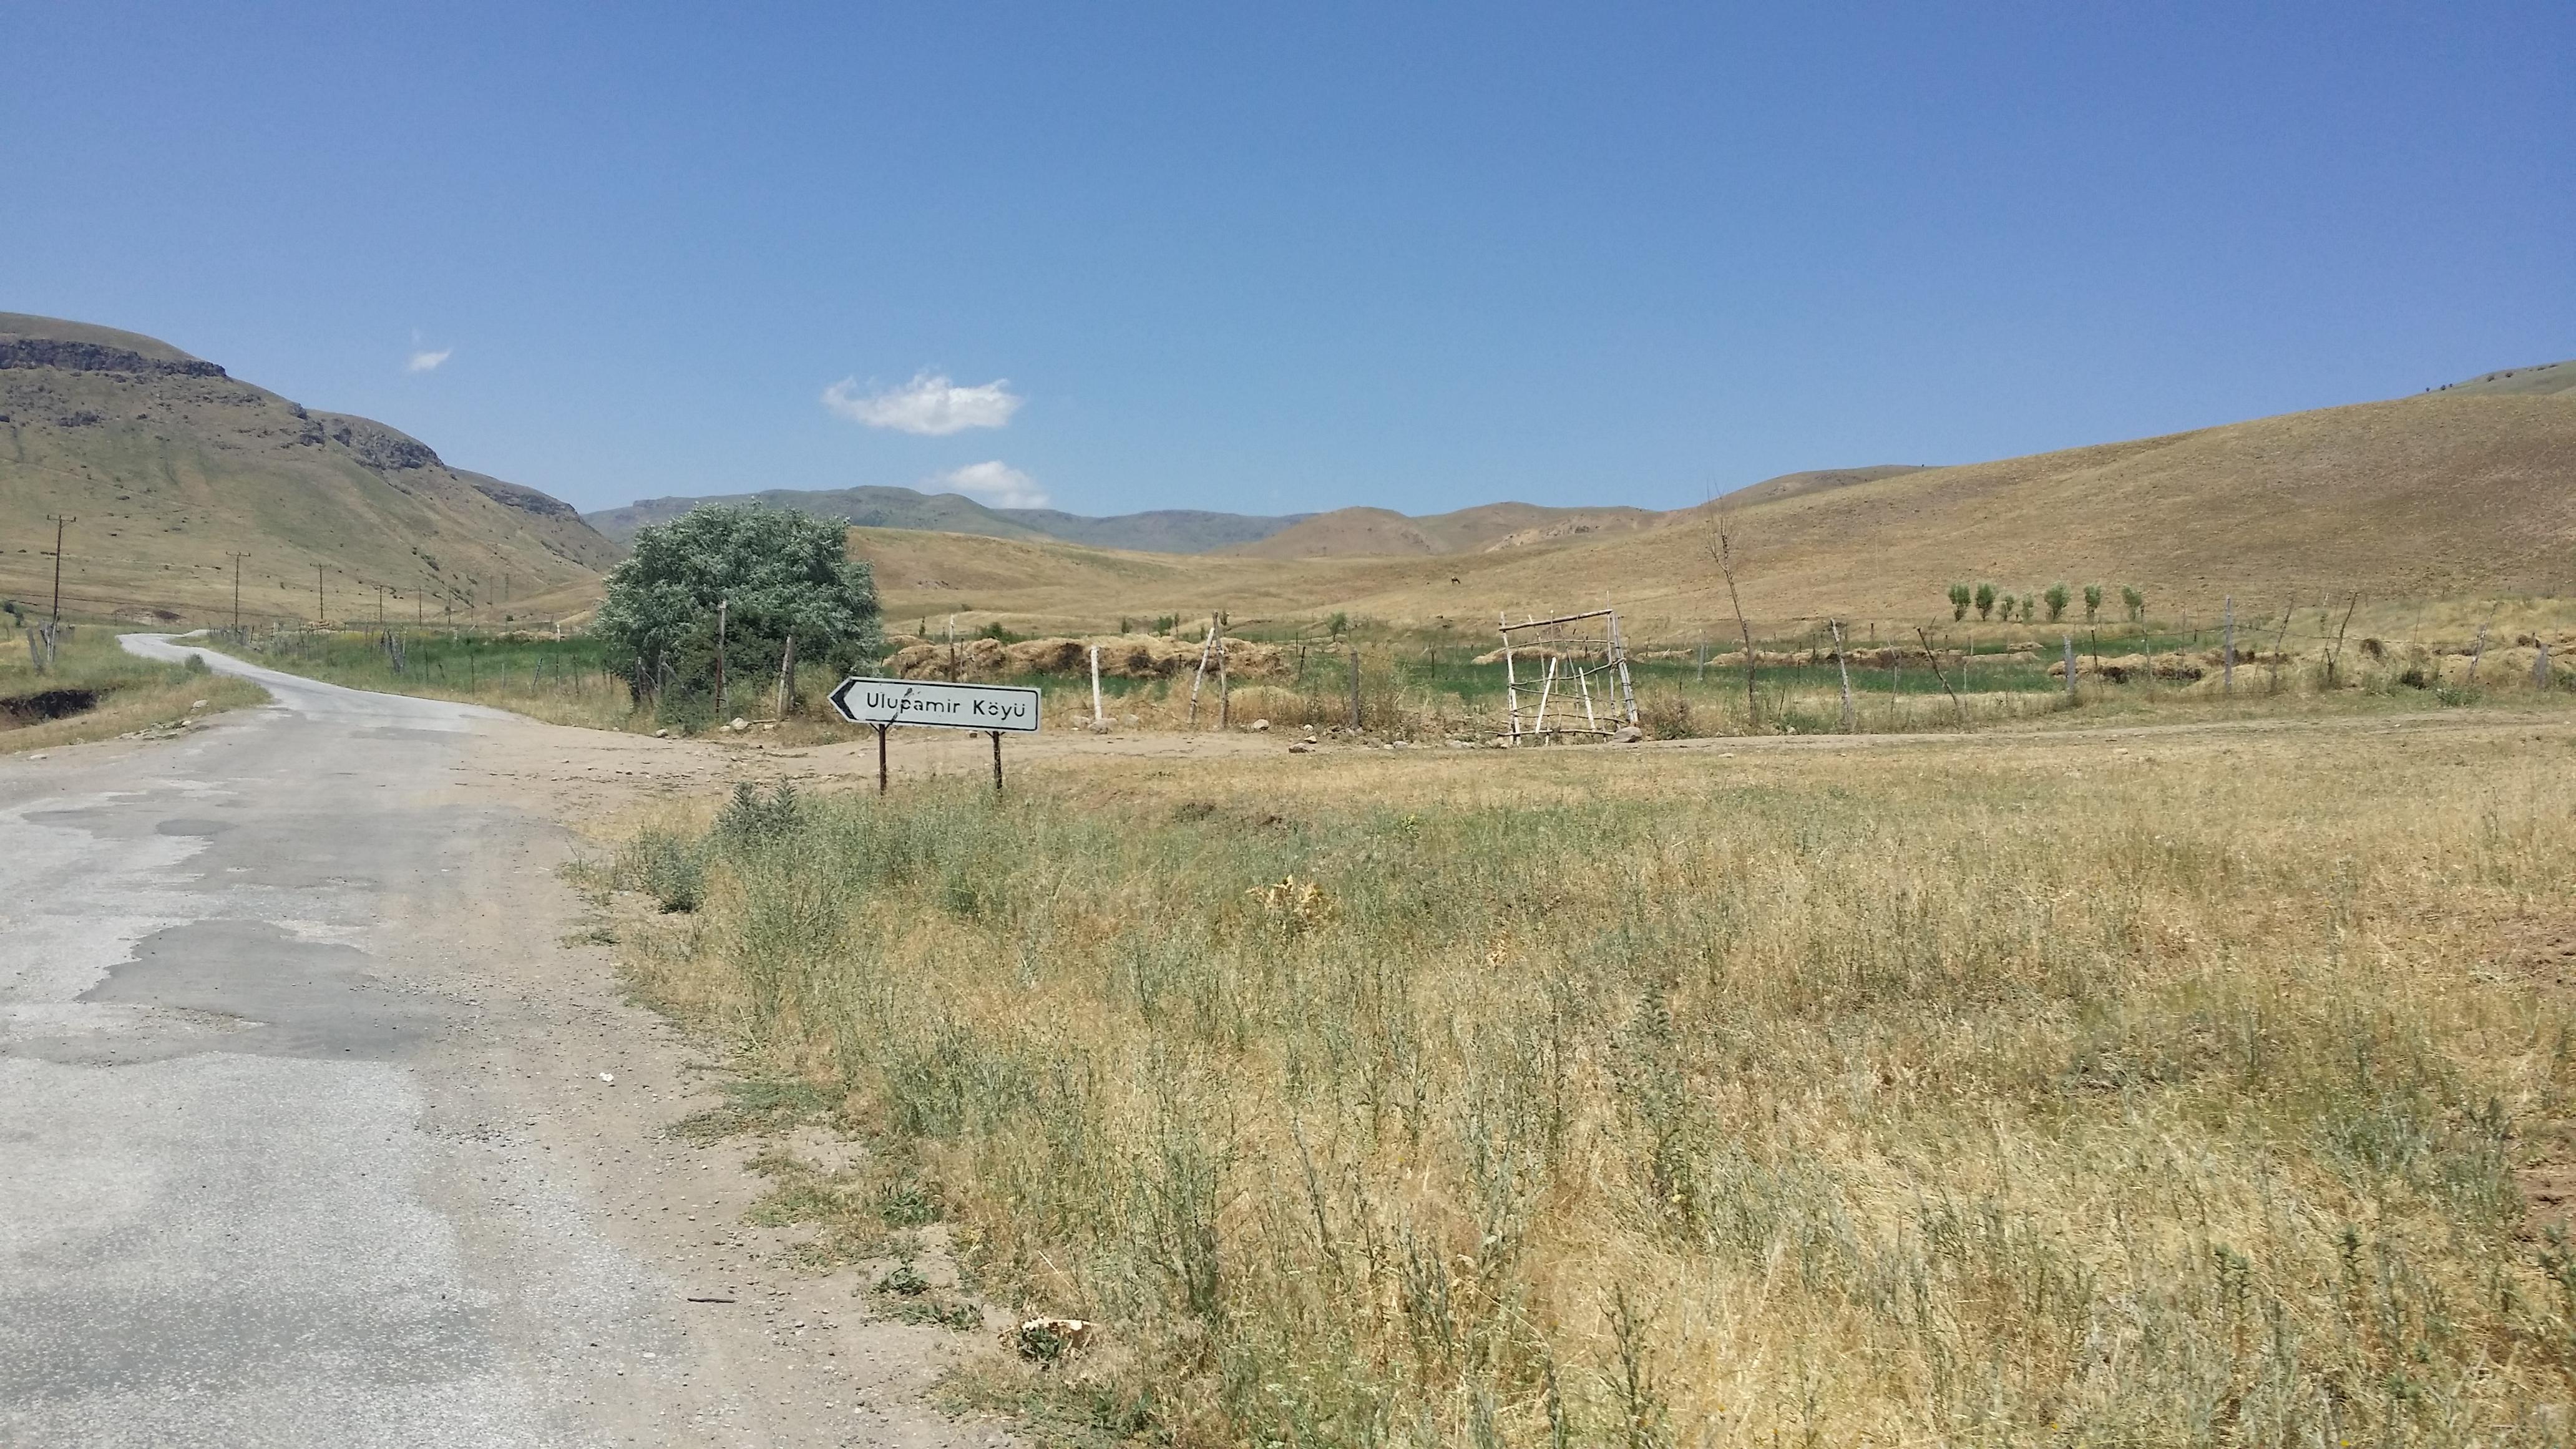 Село Улупамир своим названием напоминает о кыргызах, оставшихся на Большом Памире.